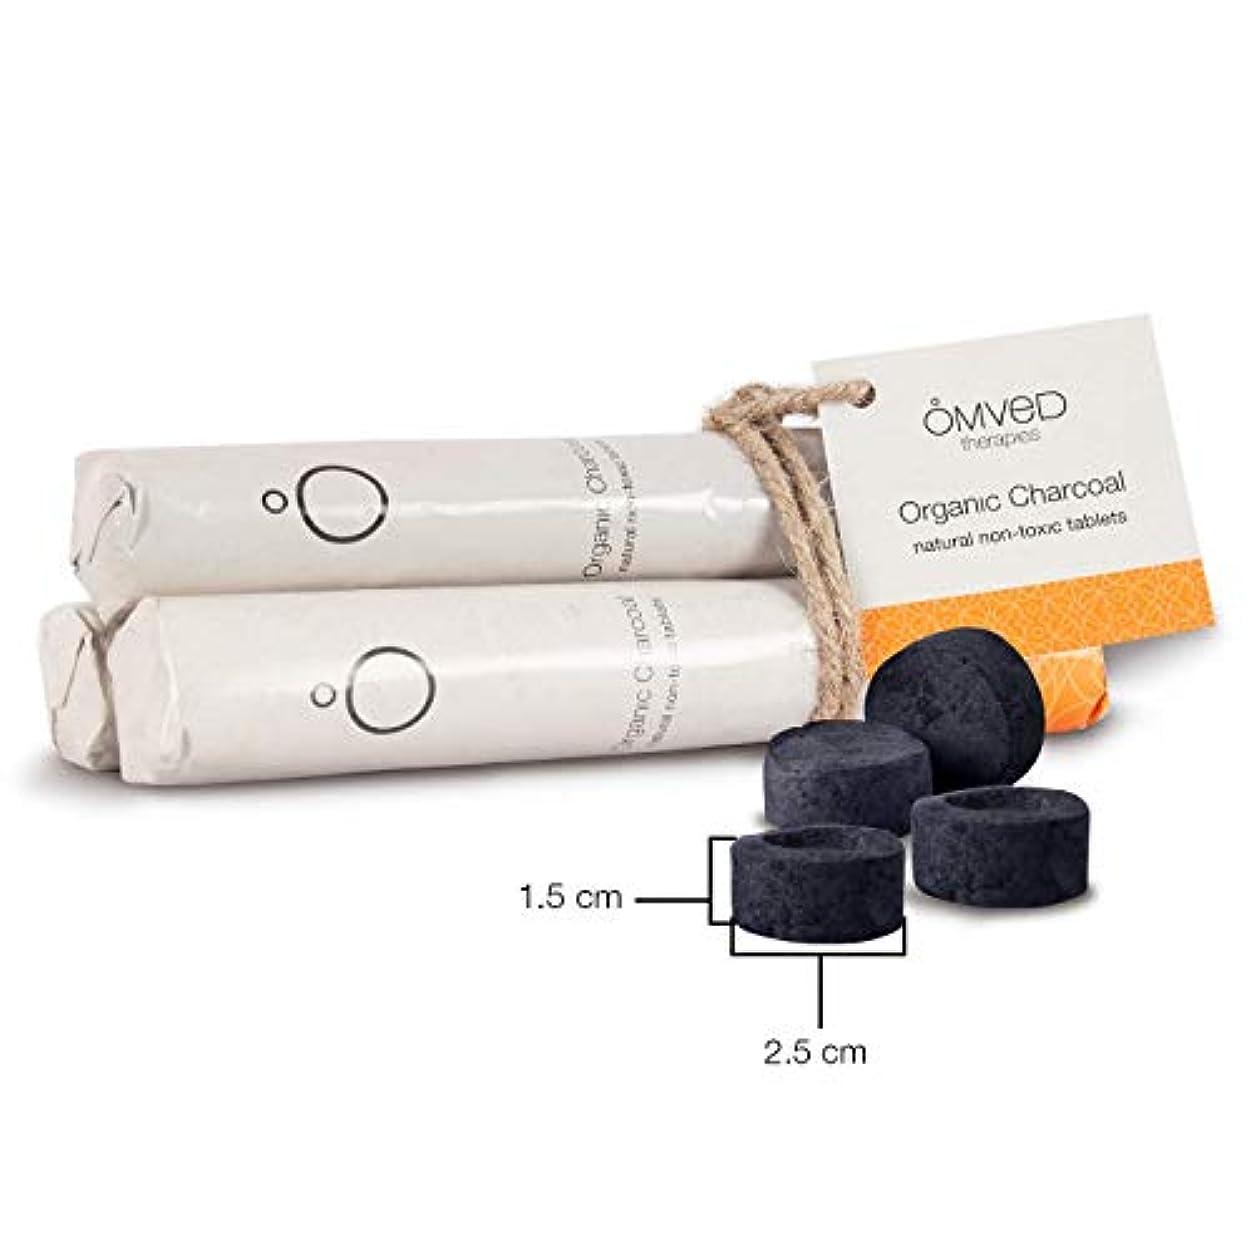 間カンガルードアミラーOmved Organic Charcoal Tablets for Burning Dhoop, Multipurpose - 30 Tablets/Pack of 3 Rolls